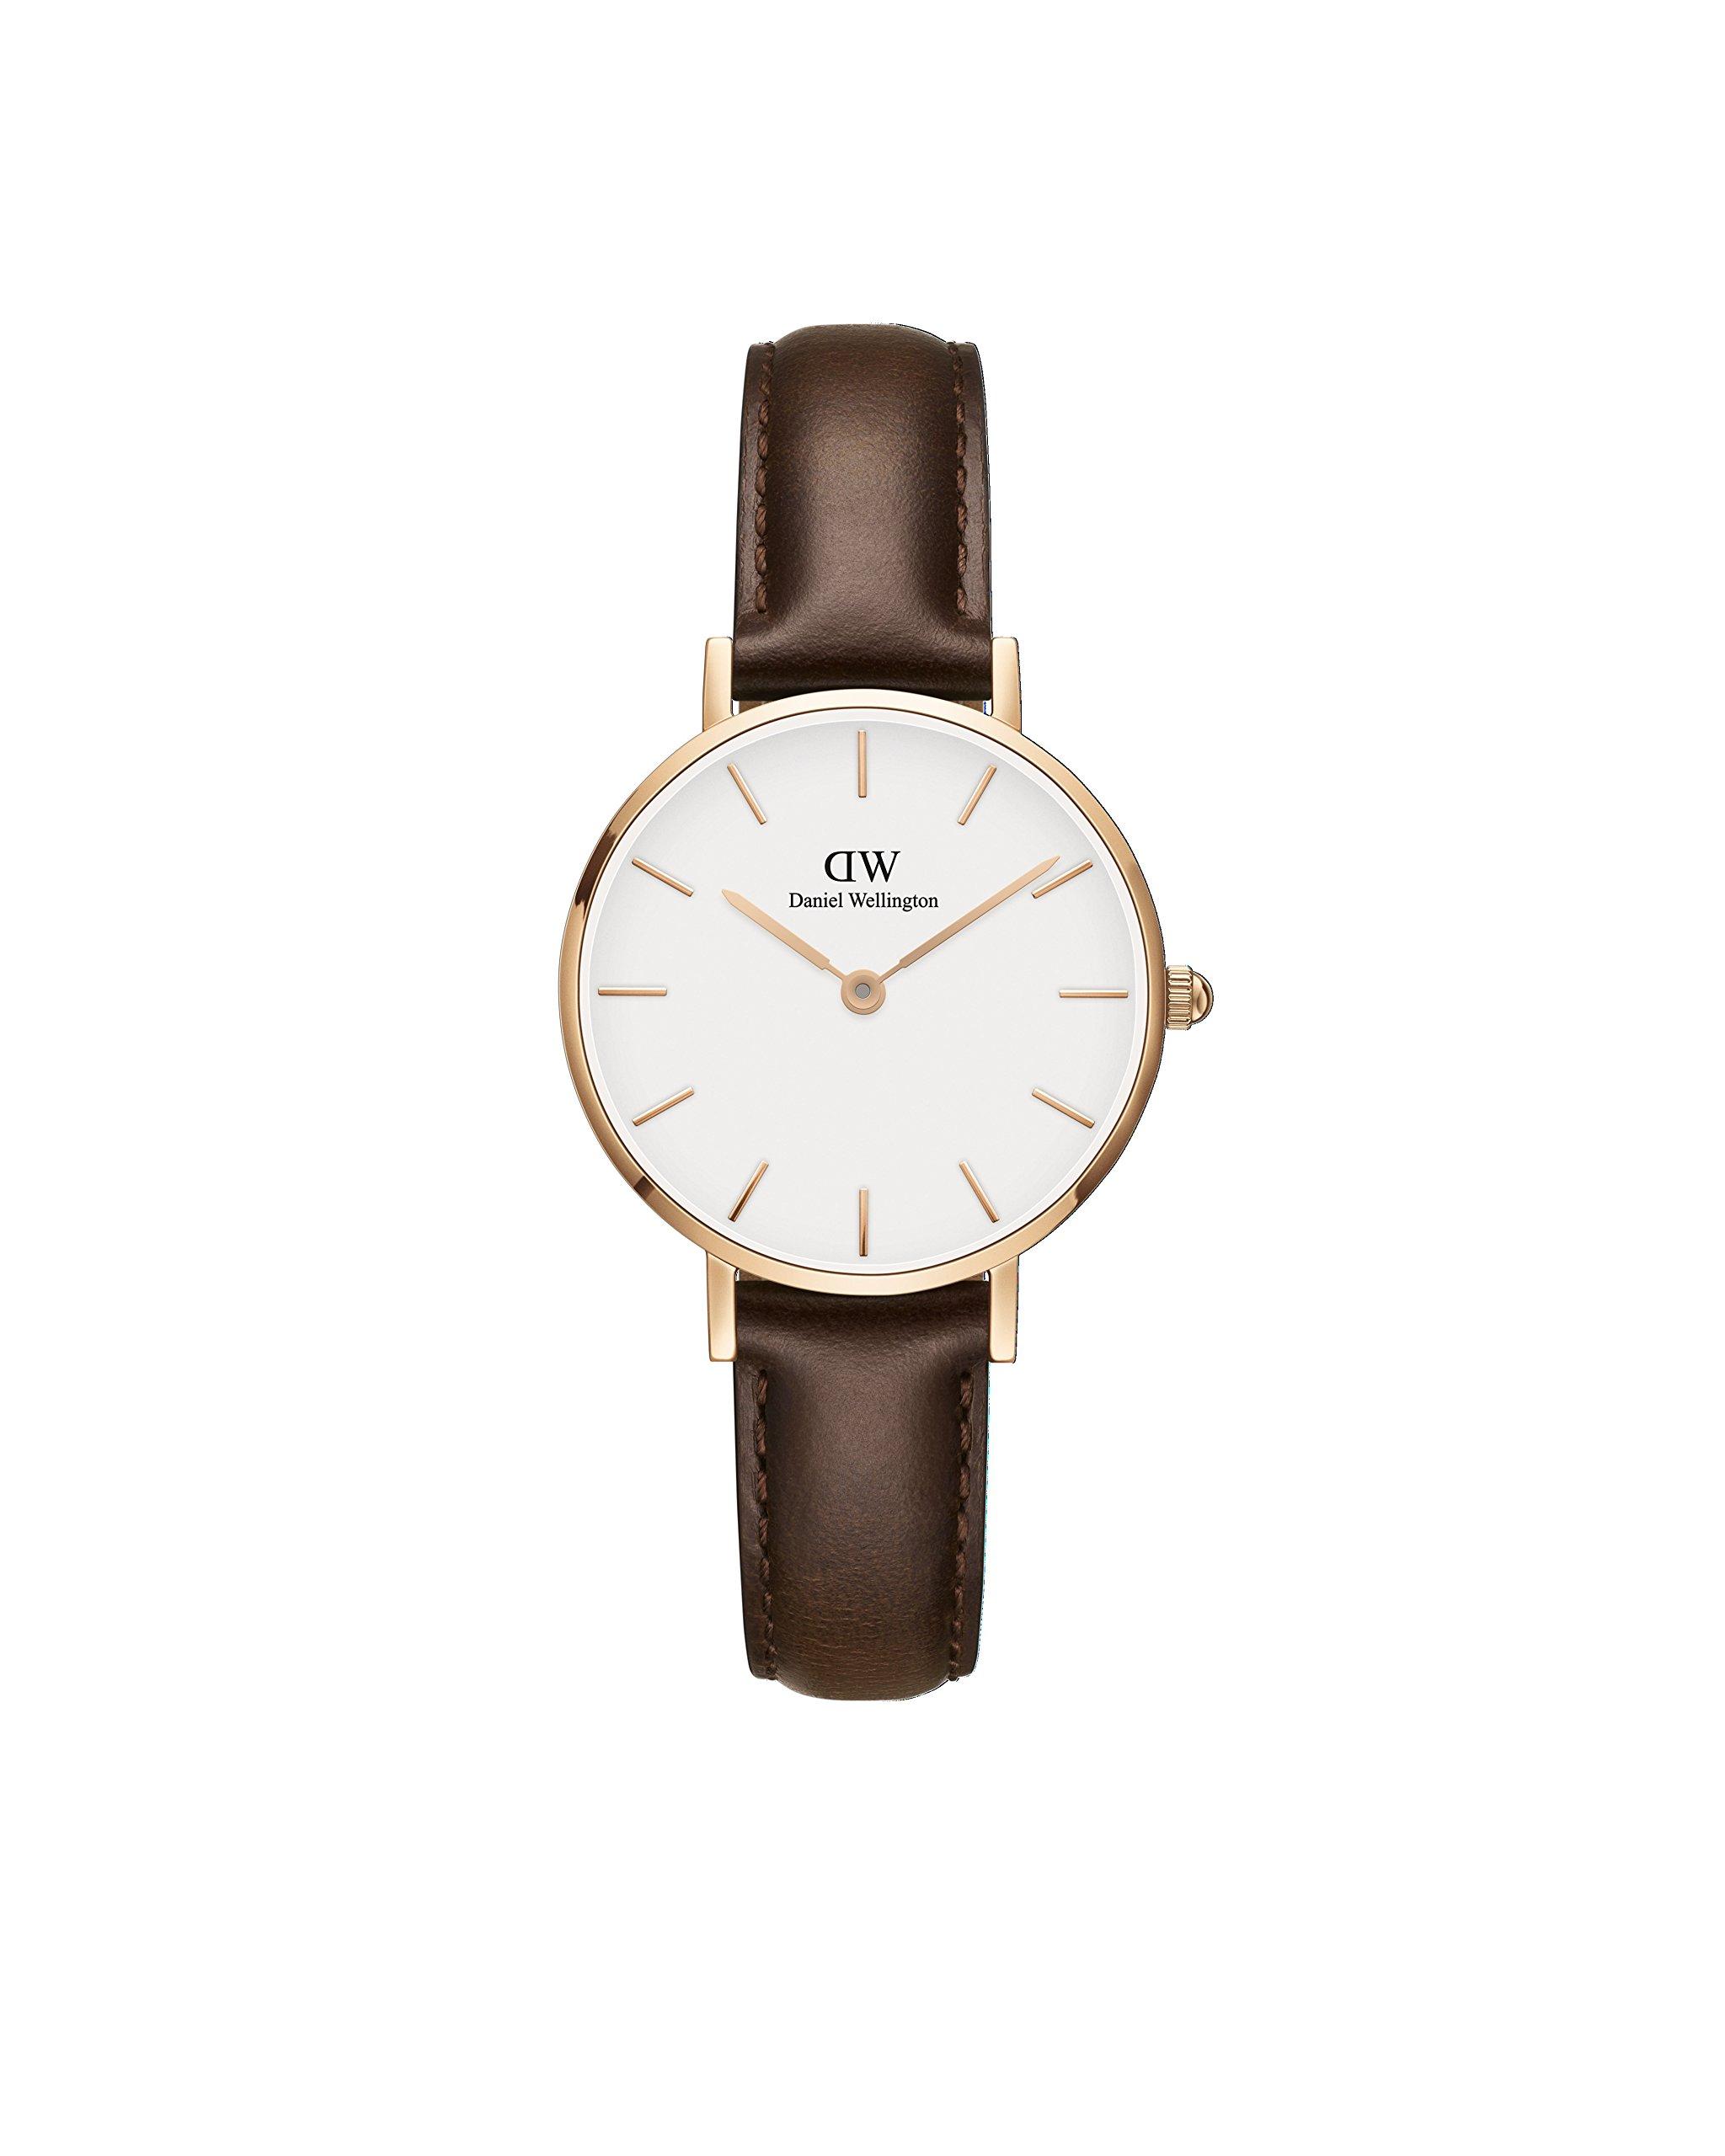 Daniel Wellington 'Classic Petite' Quartz Gold and Leather Casual Watch, Color:Brown (Model: DW00100227) by Daniel Wellington